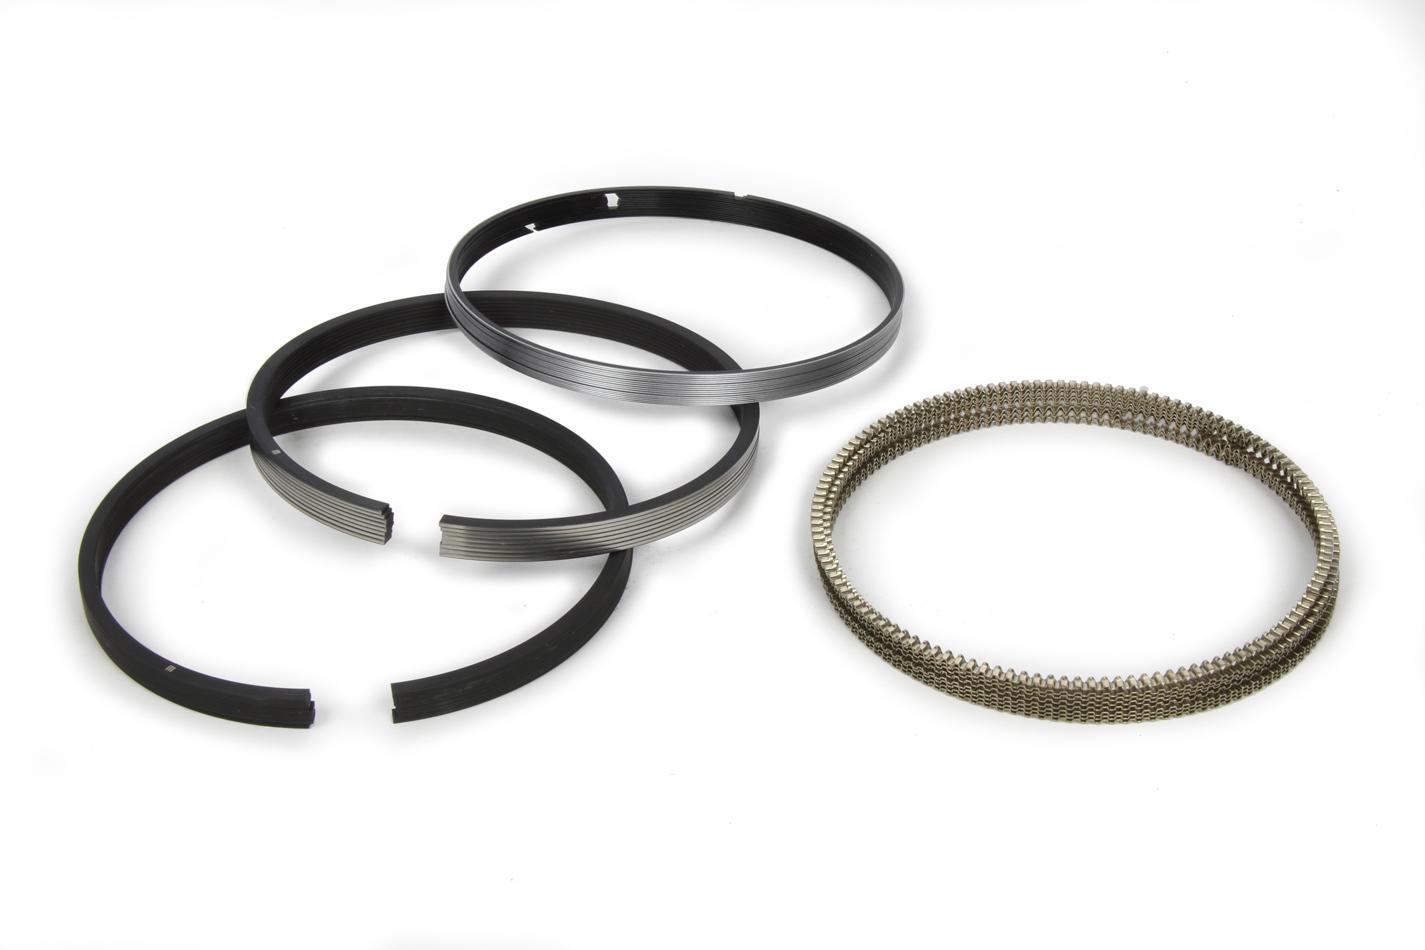 Piston Ring Set 4.045 1.5 1.5 3.0mm